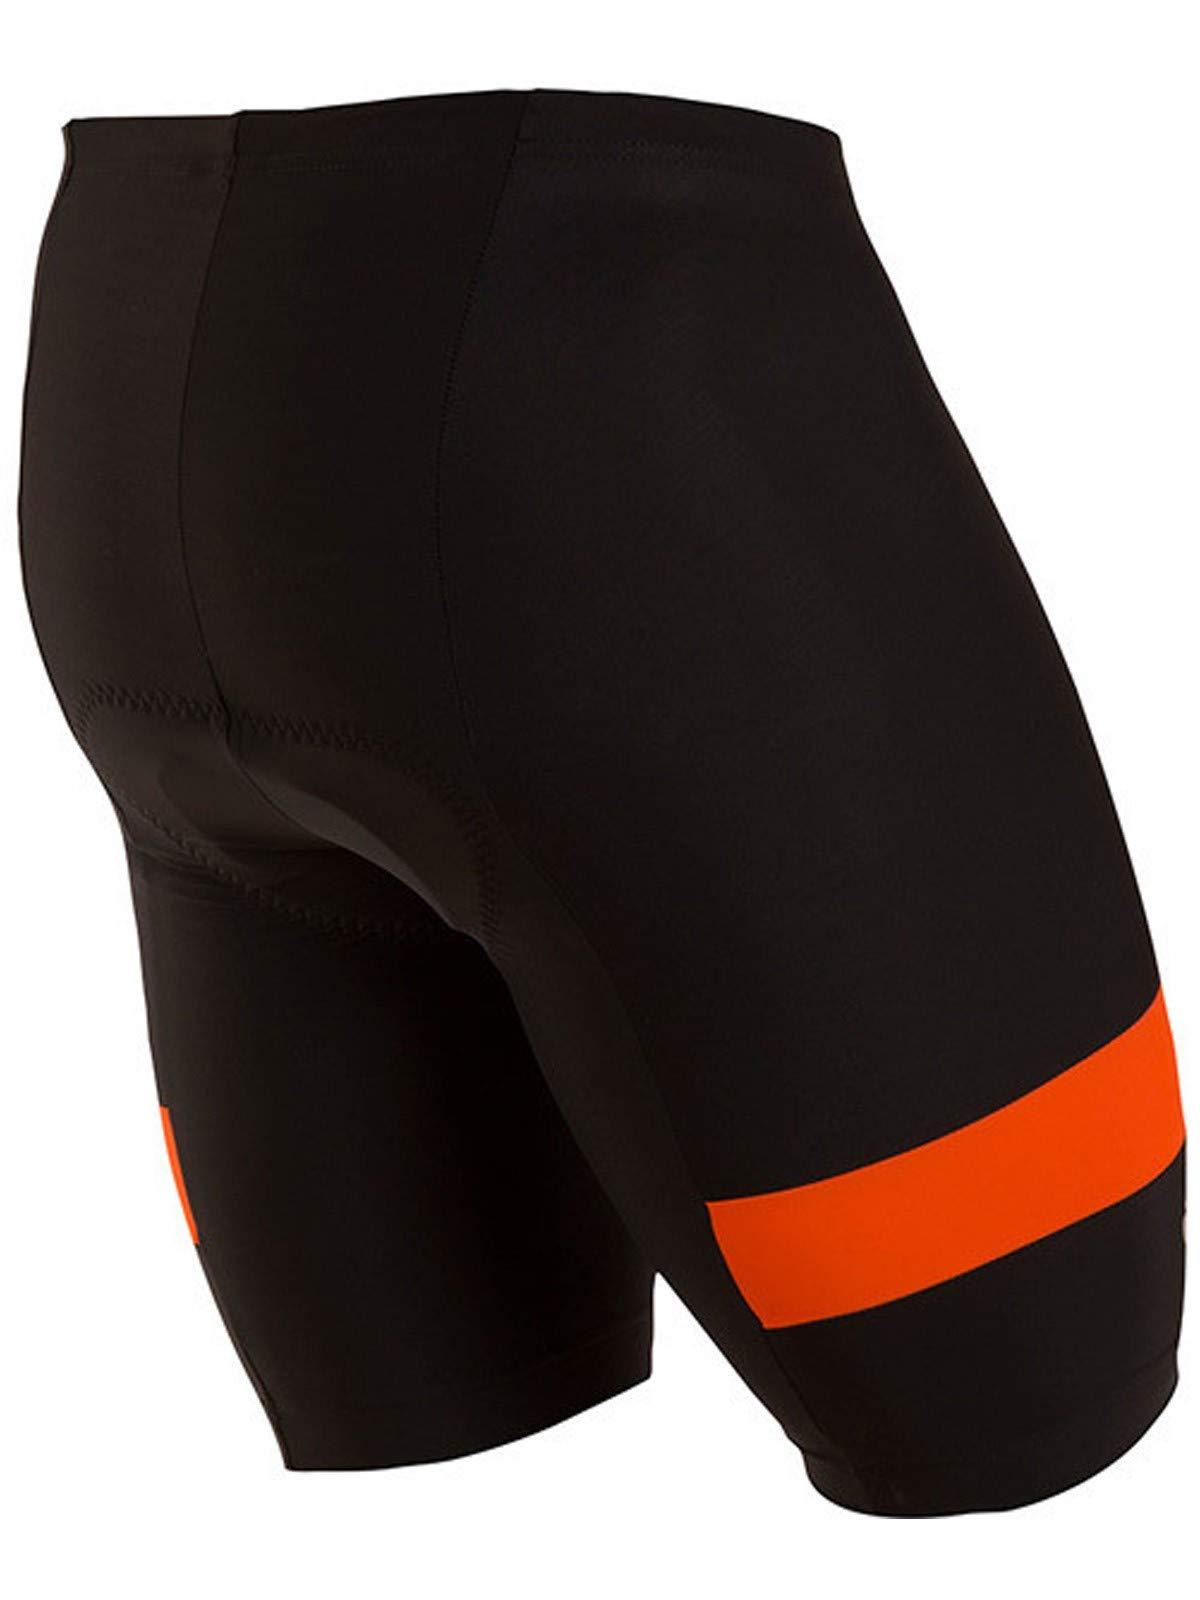 Pearl iZUMi Men's Escape Quest Splice Shorts, Black/Orange Comb, Medium by Pearl iZUMi (Image #2)